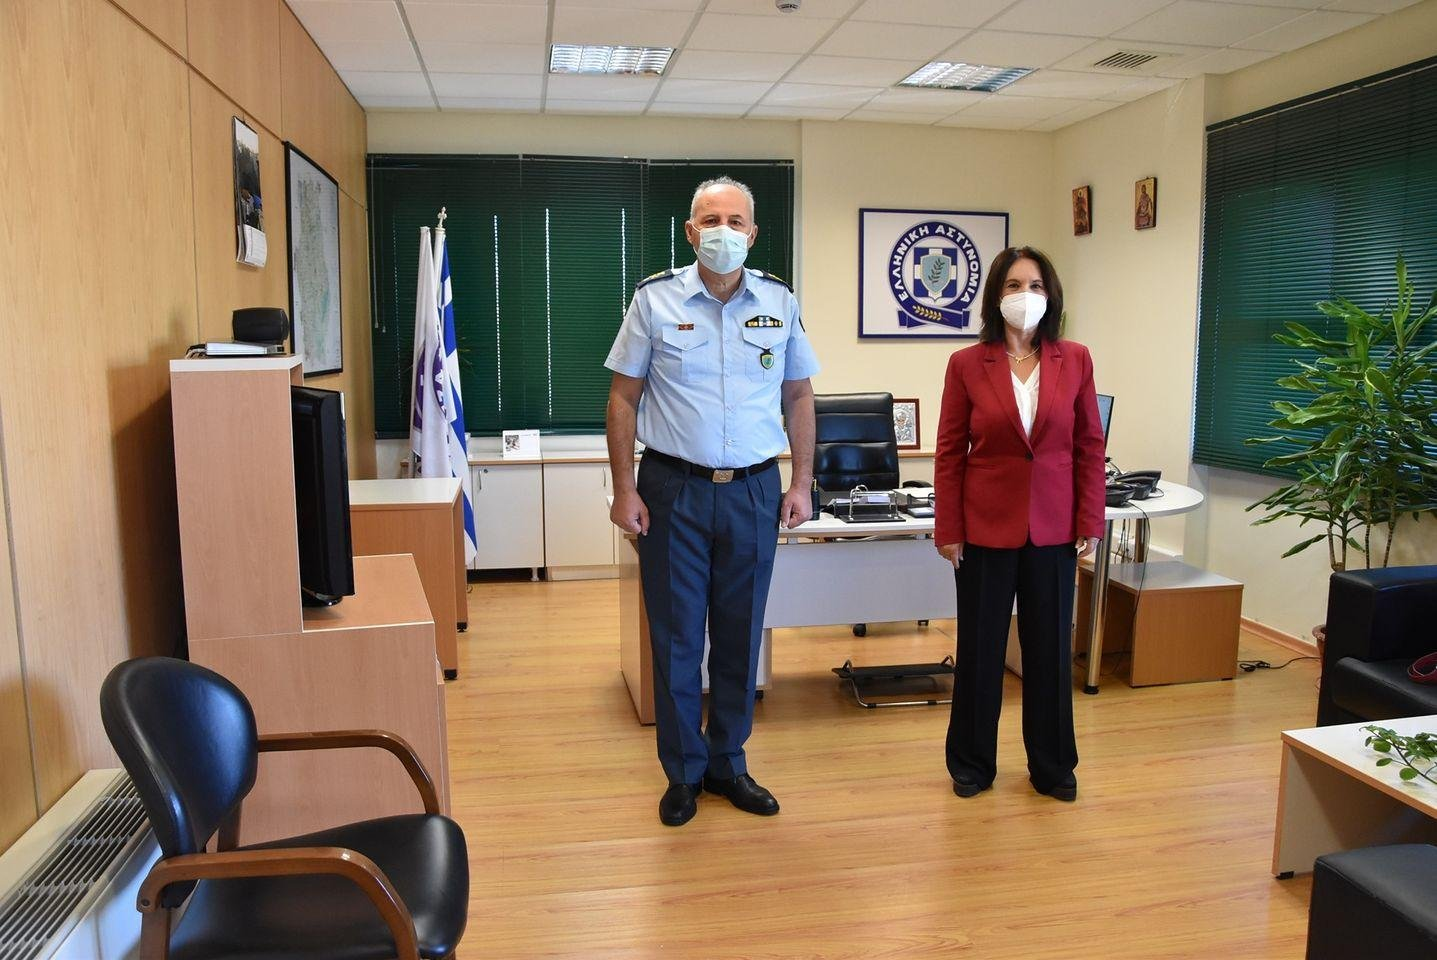 «Καλλιόπη Βέττα: Επίσκεψη στην Γενική Περιφερειακή Αστυνομική Διεύθυνση Δυτικής Μακεδονίας»